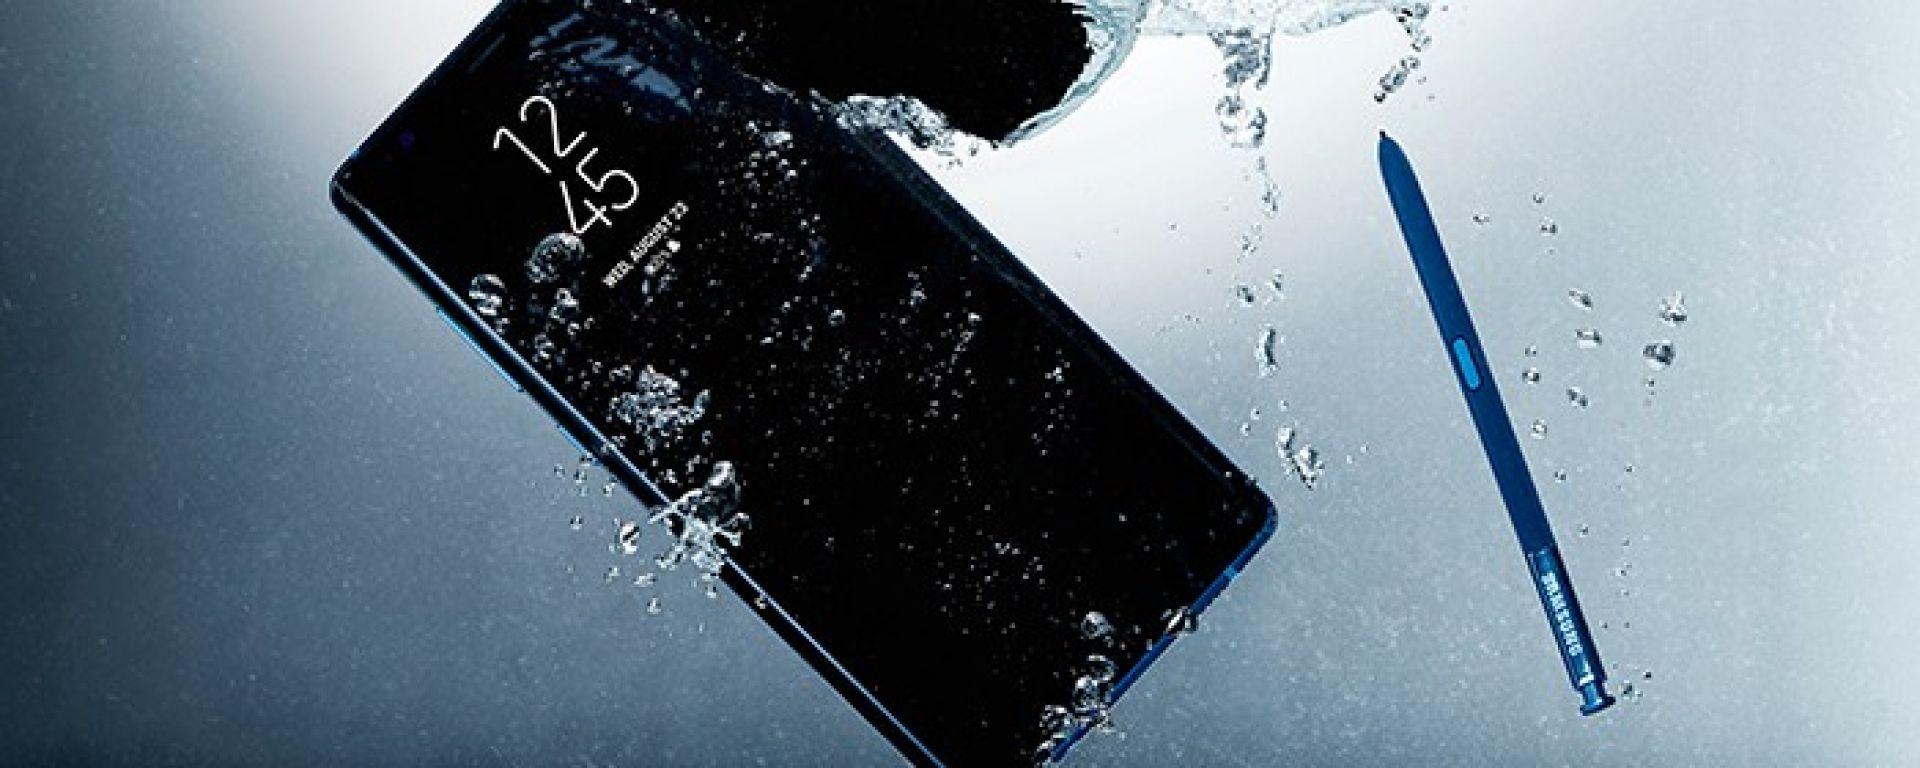 Samsung Galaxy Note 8 è impermeabile secondo lo standard IP68